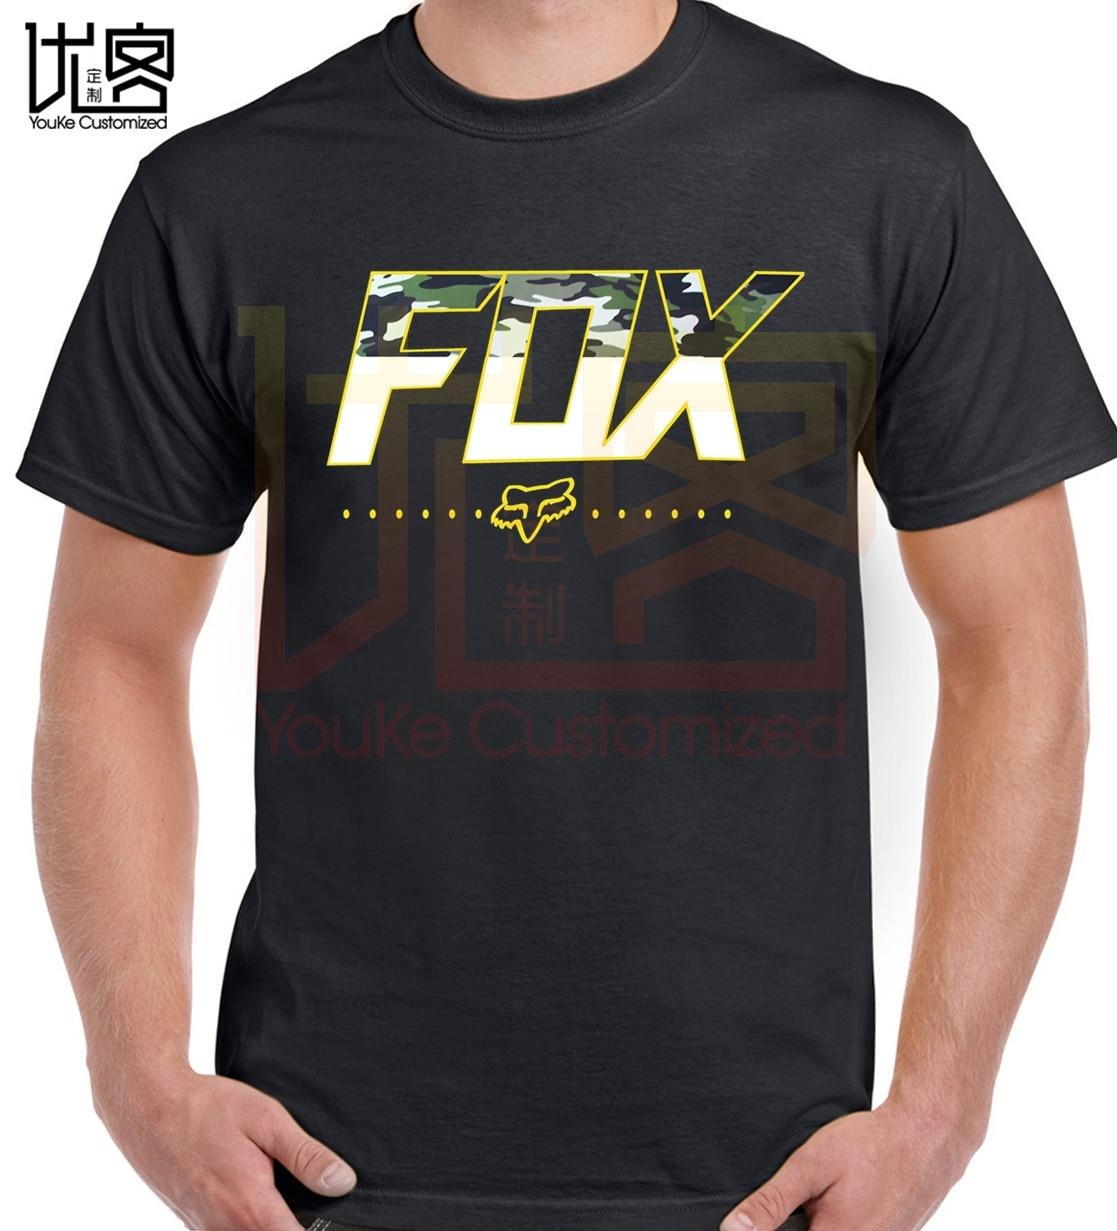 Fox Mtb Ranger Mens T-shirt - Black All Sizes Mens 2019 Fashion Brand T Shirt O-Neck 100%cotton Custom Printed T-Shirt Tops Tee